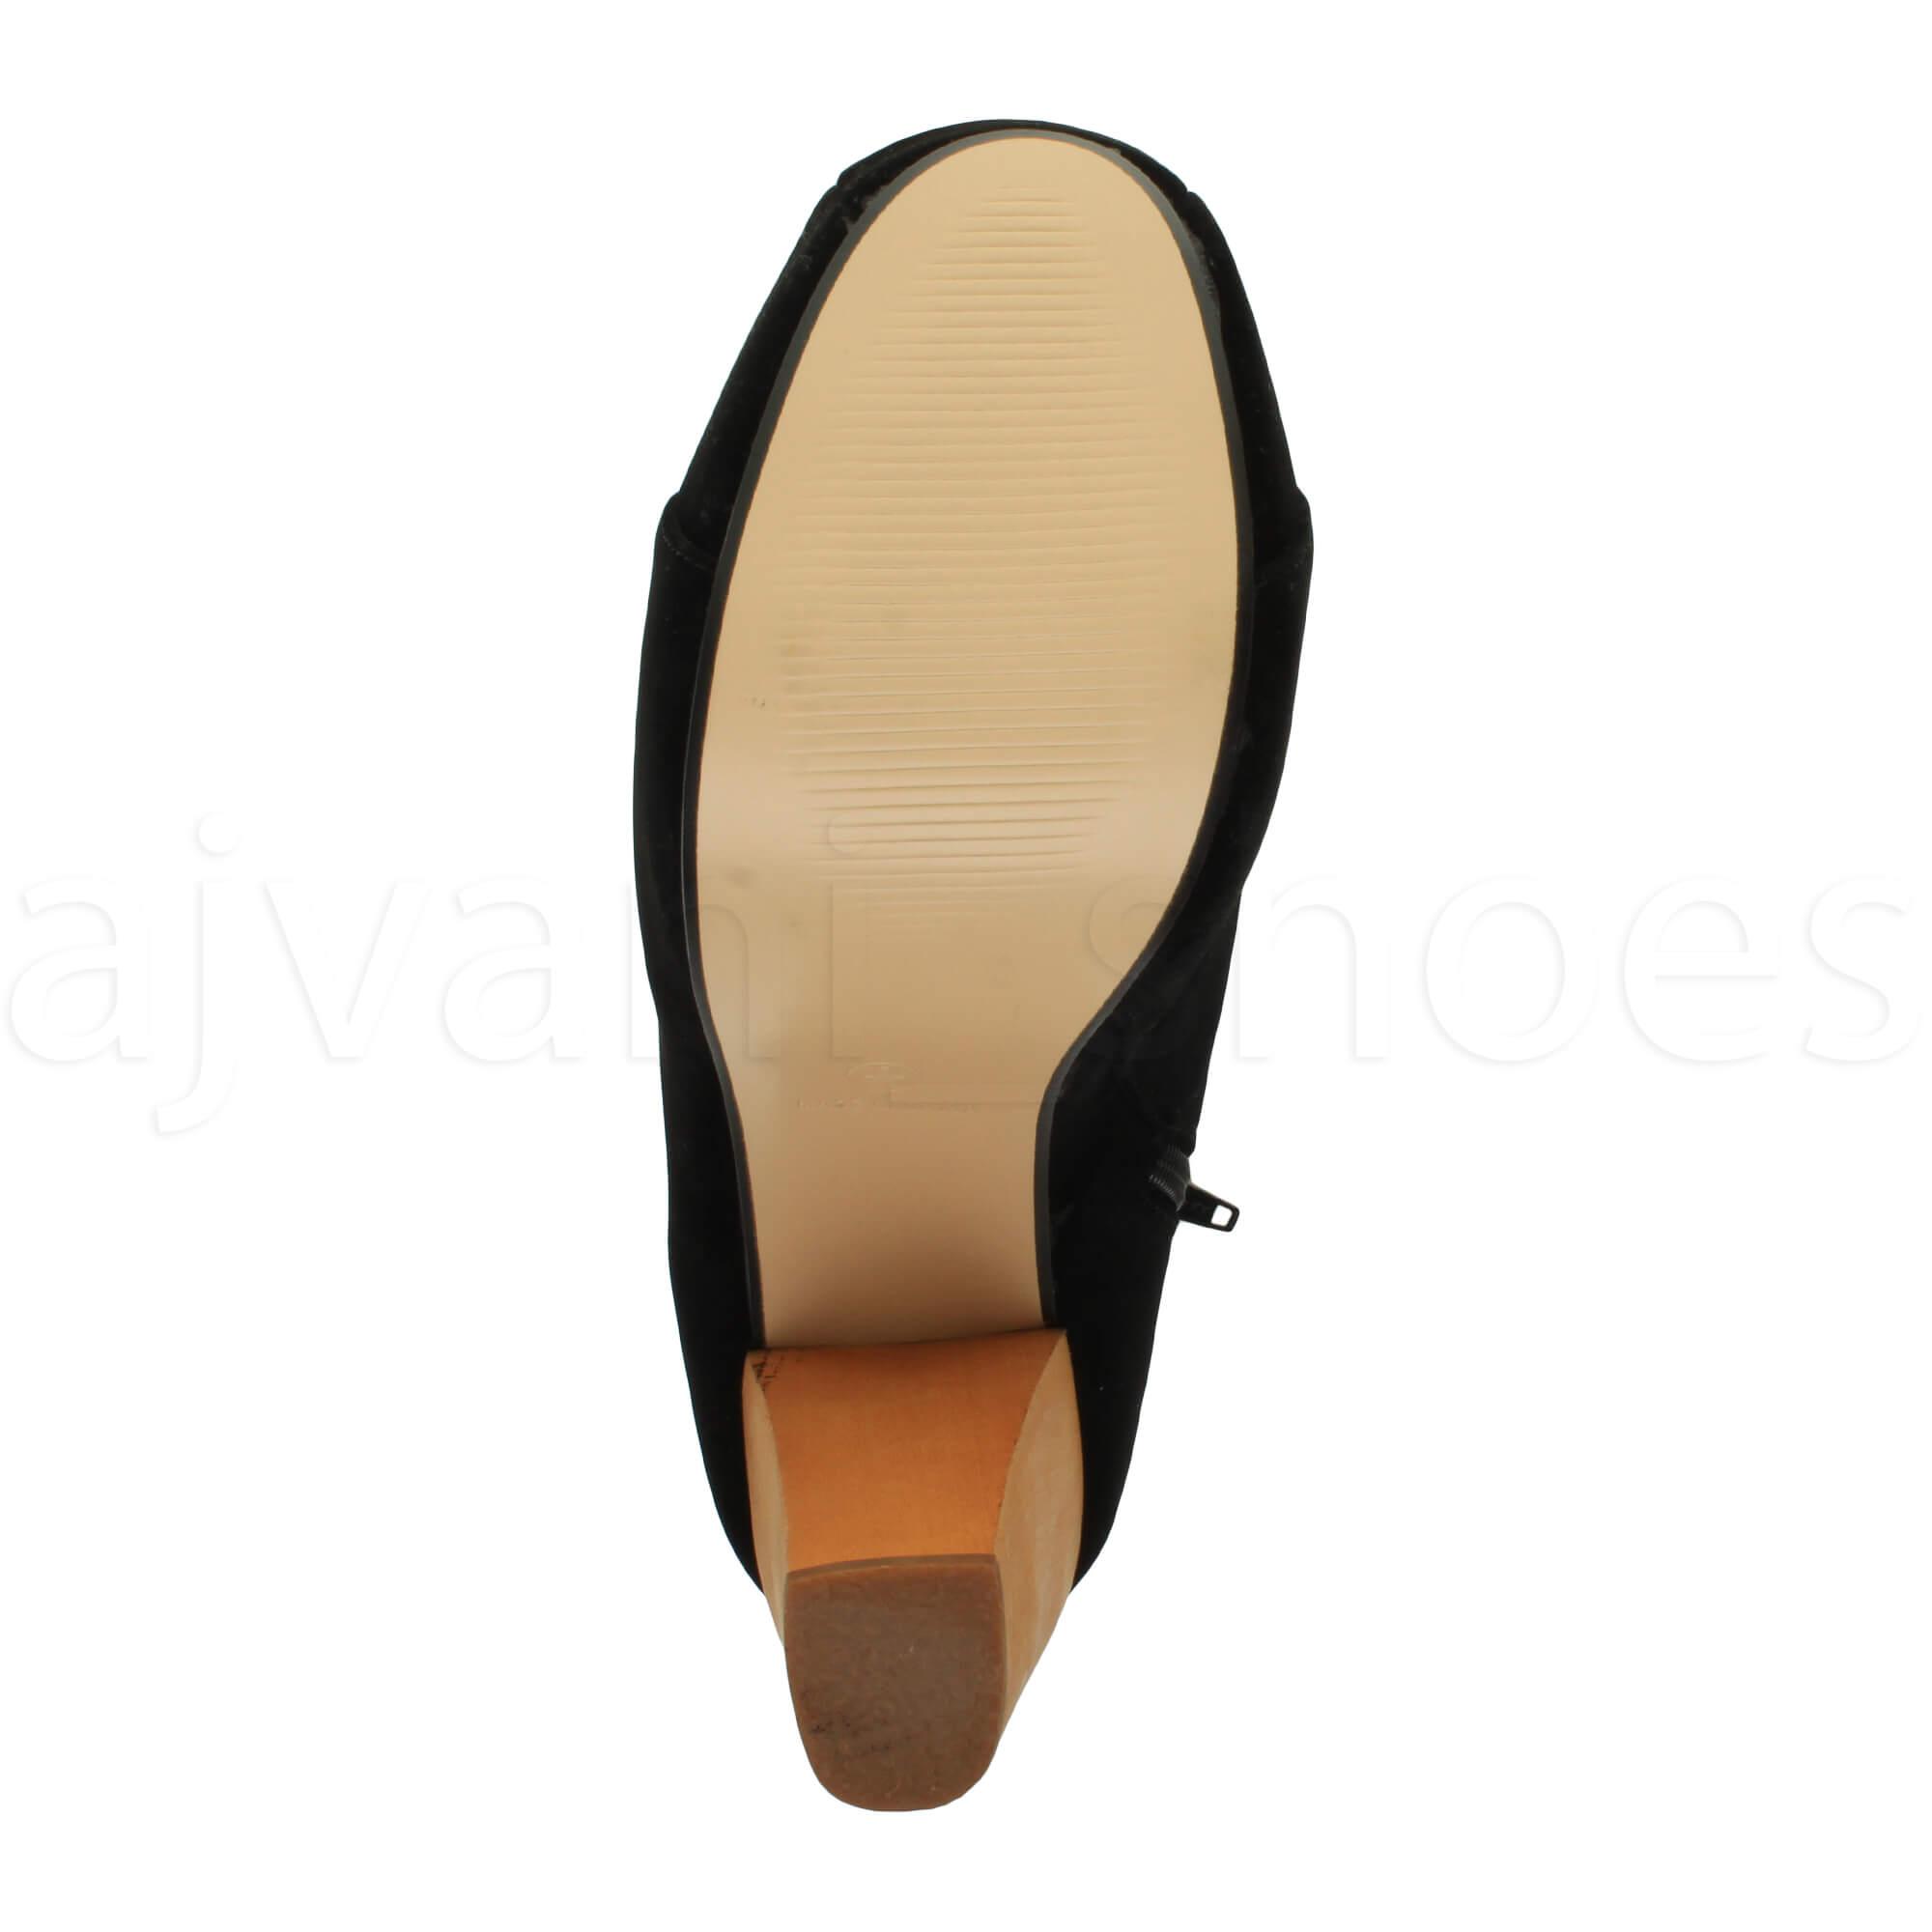 Para-Mujer-senoras-Encaje-Plataforma-bloque-de-madera-de-tacon-alto-Botines-Borceguies-Tamano